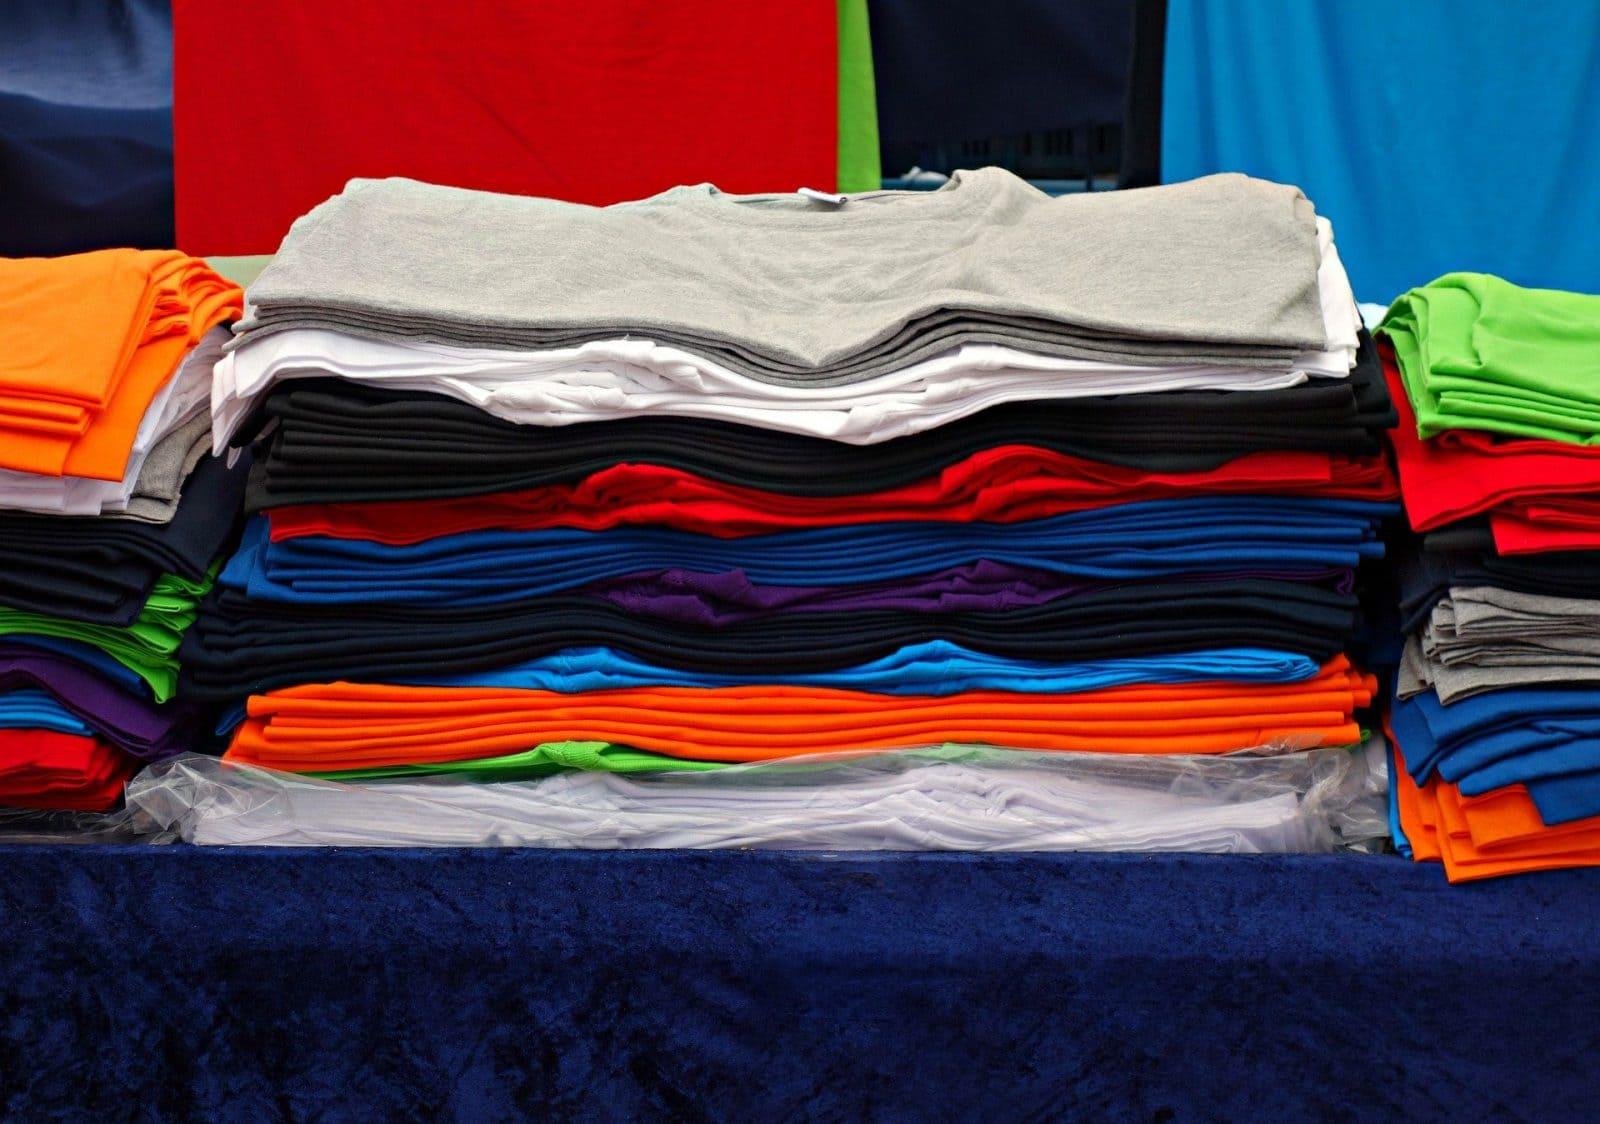 t-shirt-1524677_1920 (1)